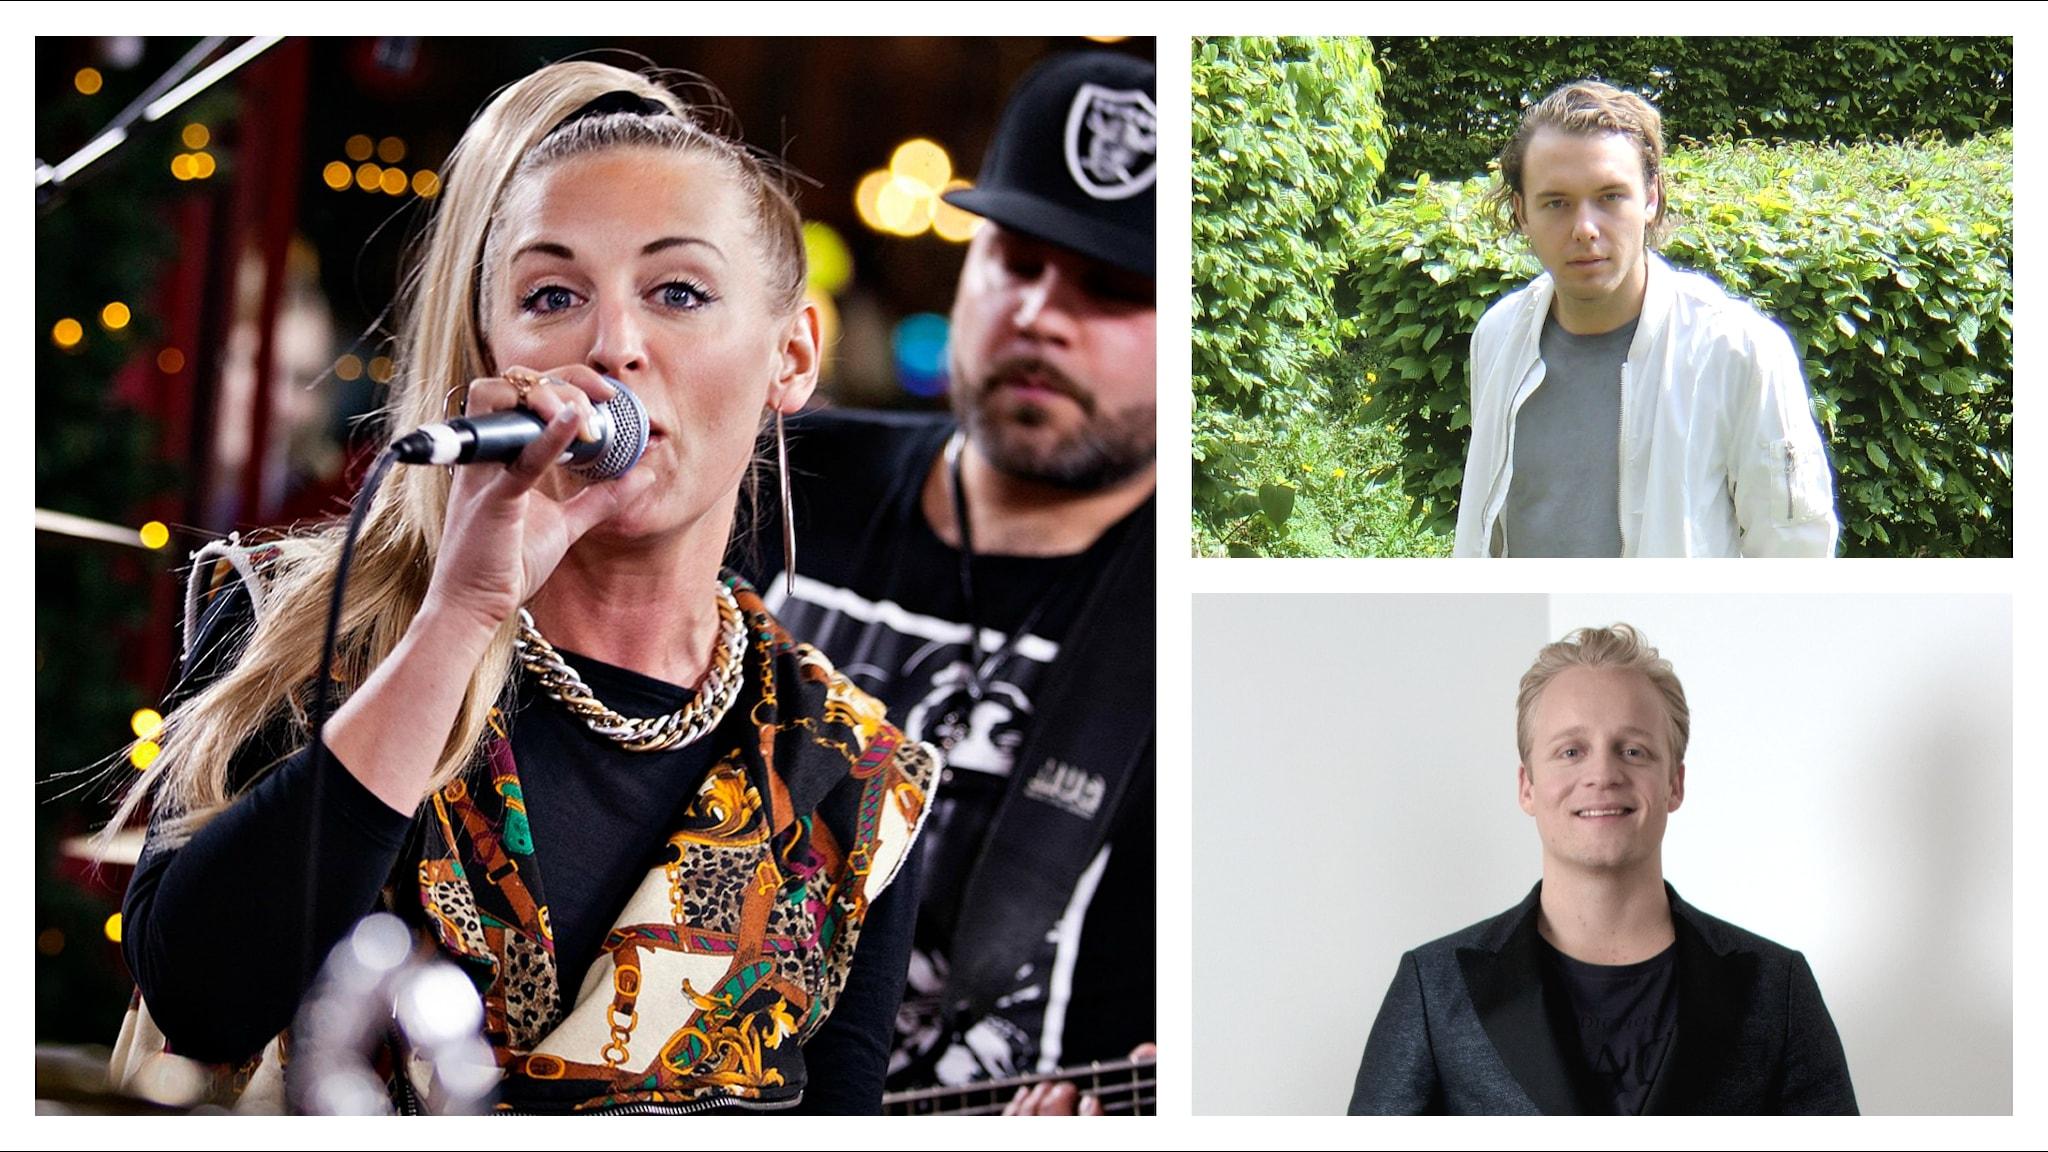 Syster Sol, Otto Knows och Andreas Weise utmanar på Svensktoppen. Foto: SVT Bild och Sveriges Radio